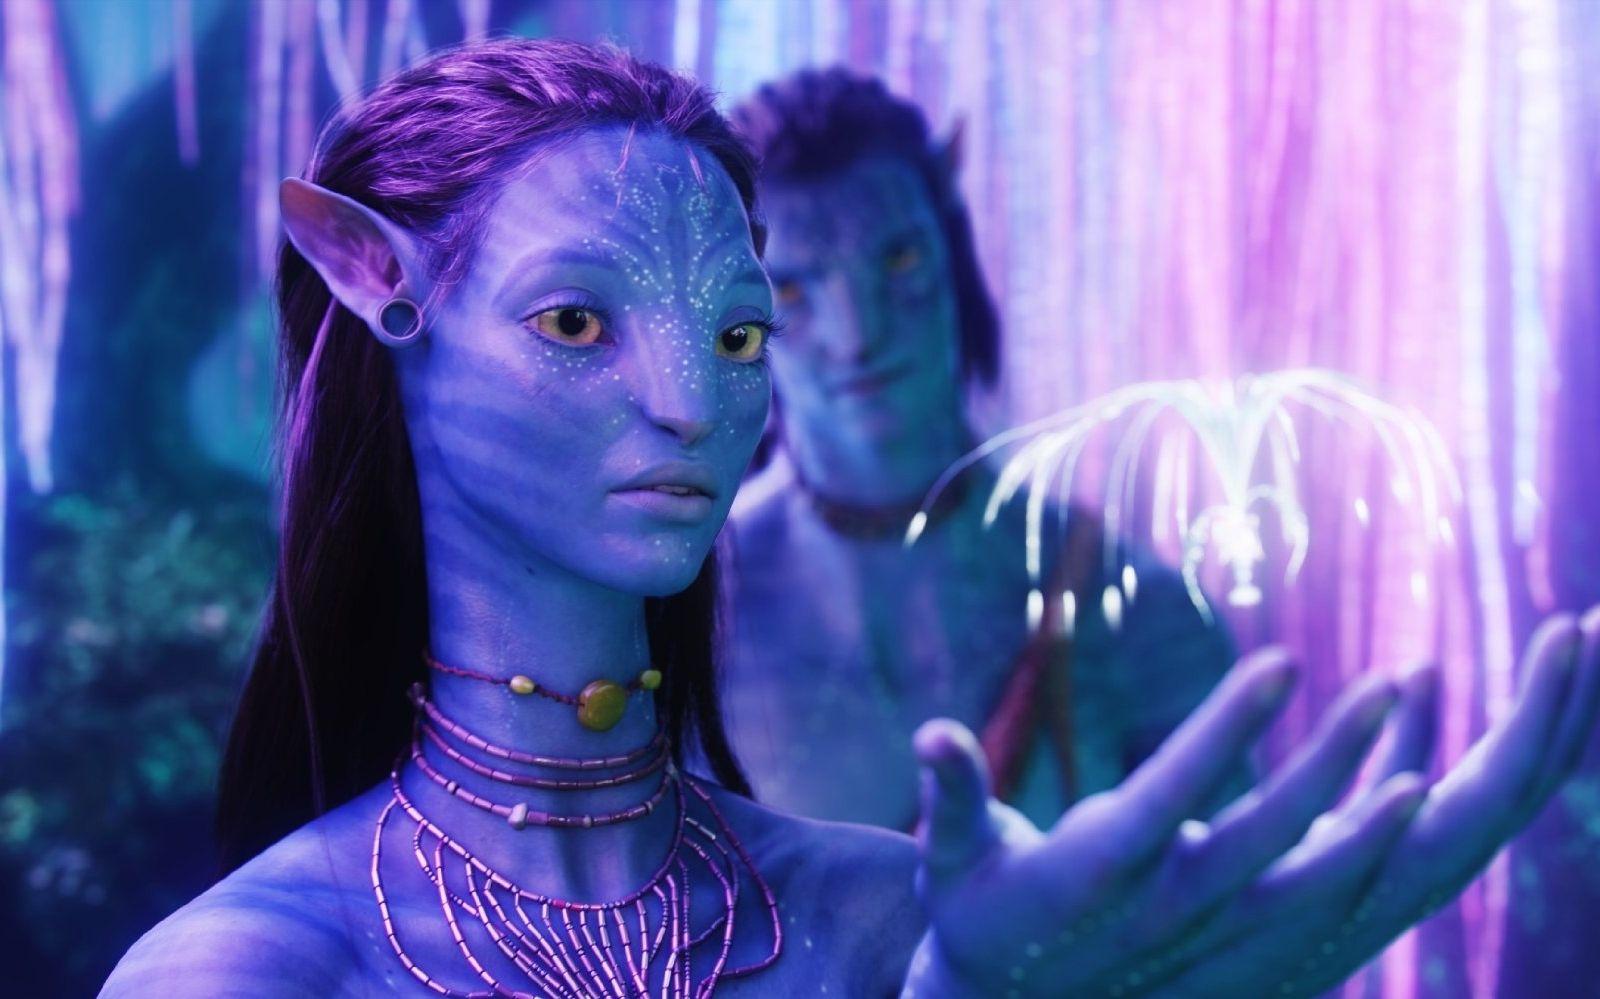 Avatar 2 : l'équipe de tournage est de retour en Nouvelle-Zélande - CinéSéries